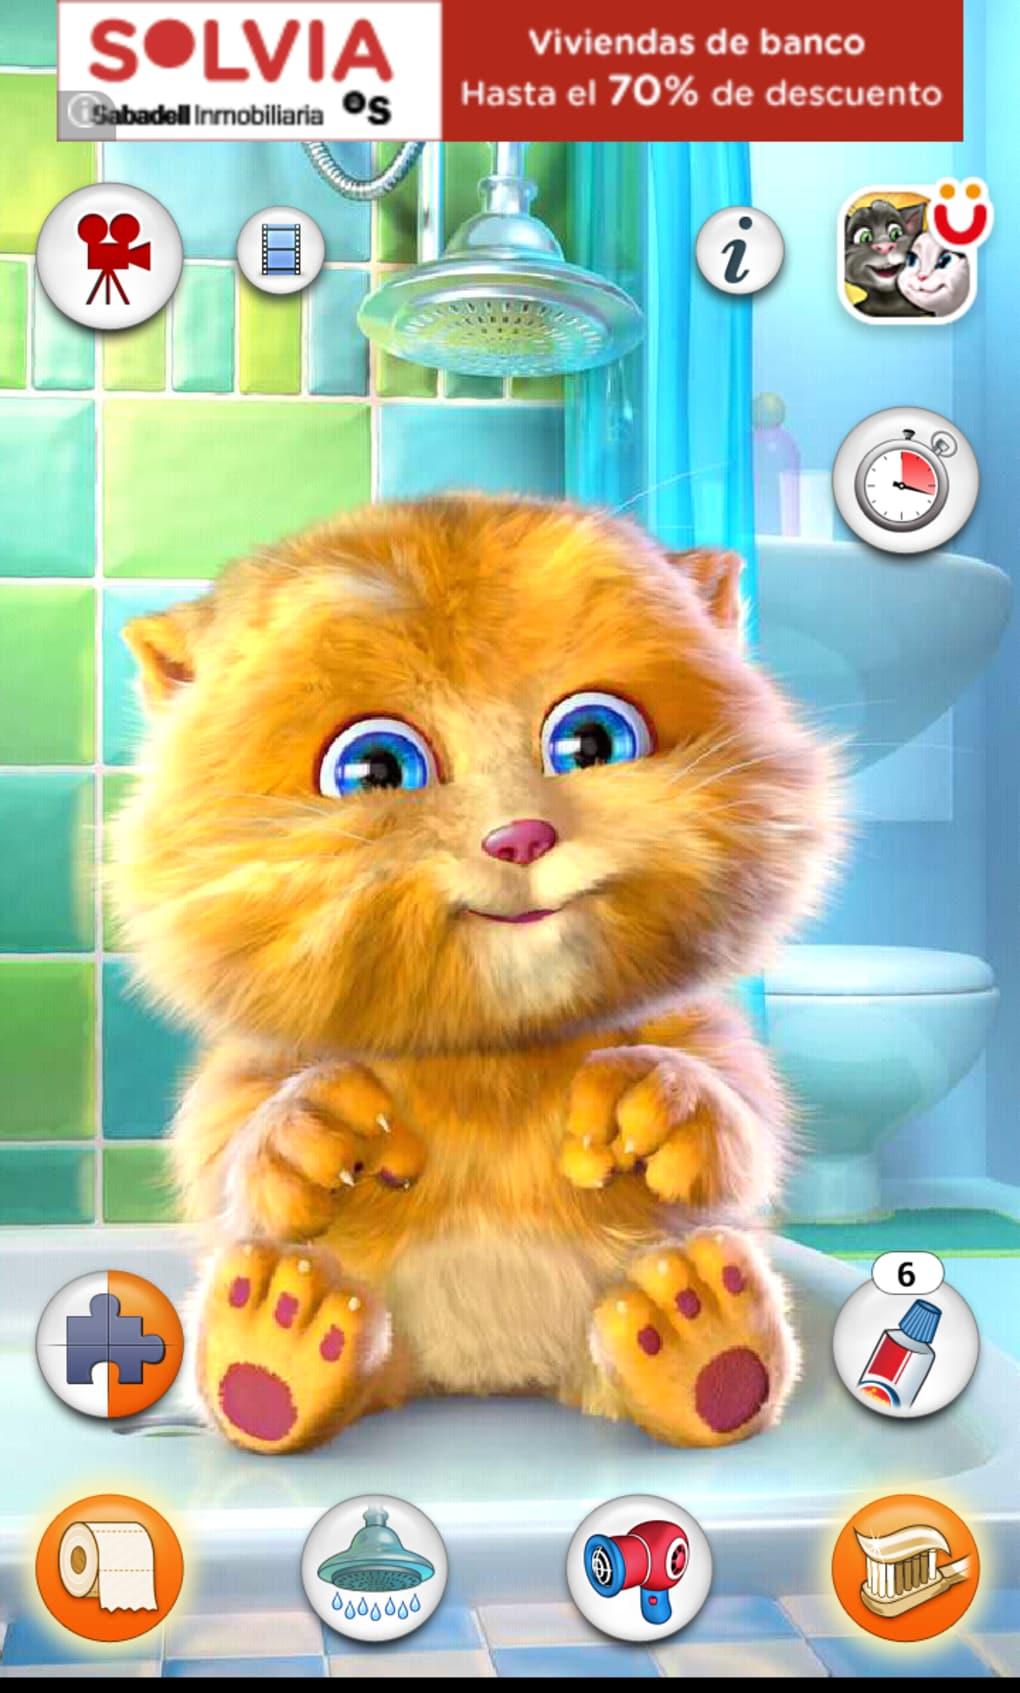 <b>Jeux</b> <b>de</b> <b>chats</b> - Jouez gratuitement à des <b>jeux</b> en ligne sur <b>Jeux</b>.fr